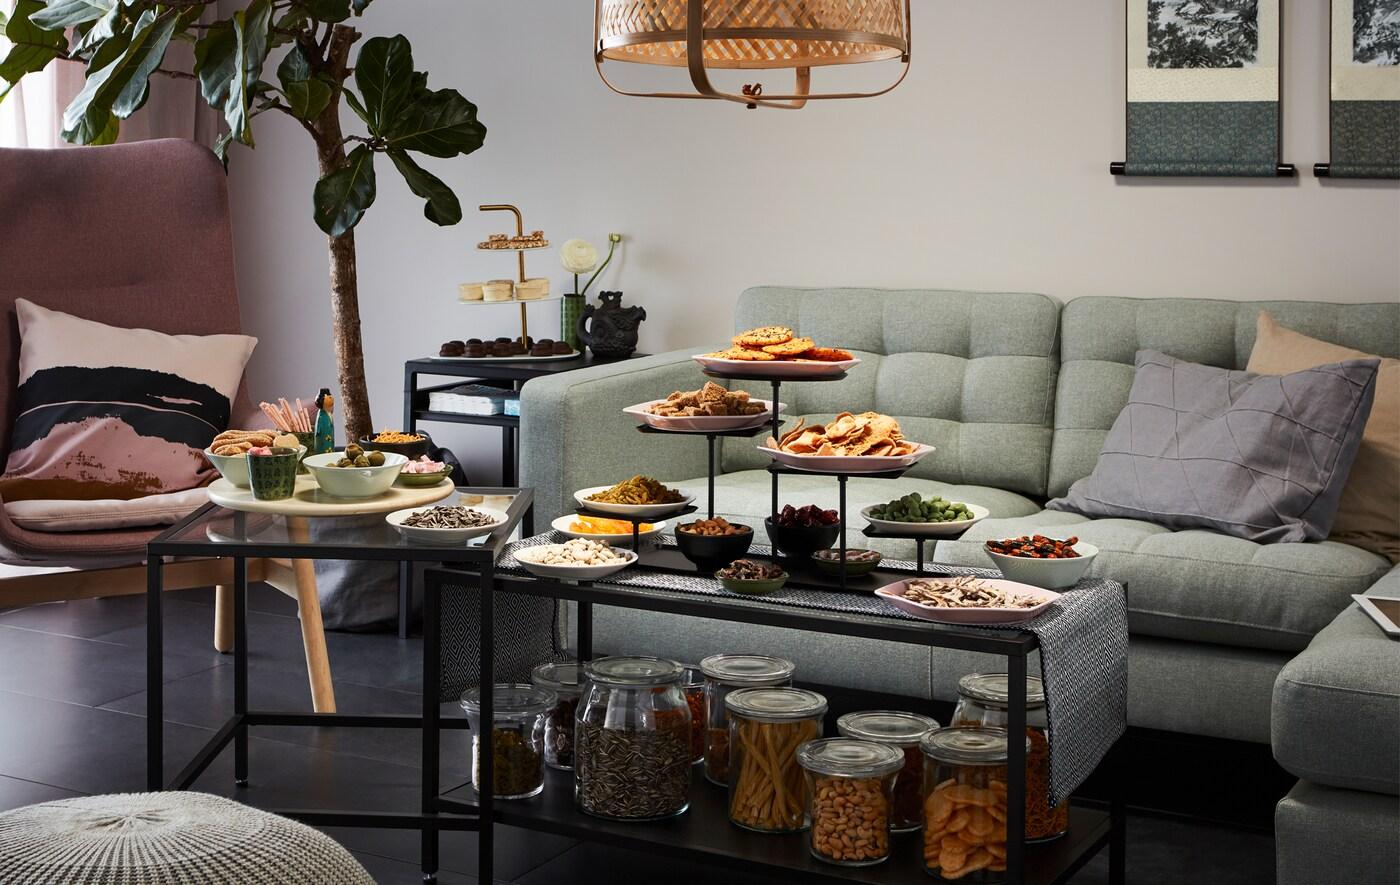 Deo dnevne sobe s ugaonom sofom i foteljom, ispred kojih se nalazi set stočića s grickalicama, kako odloženim, tako i serviranim.